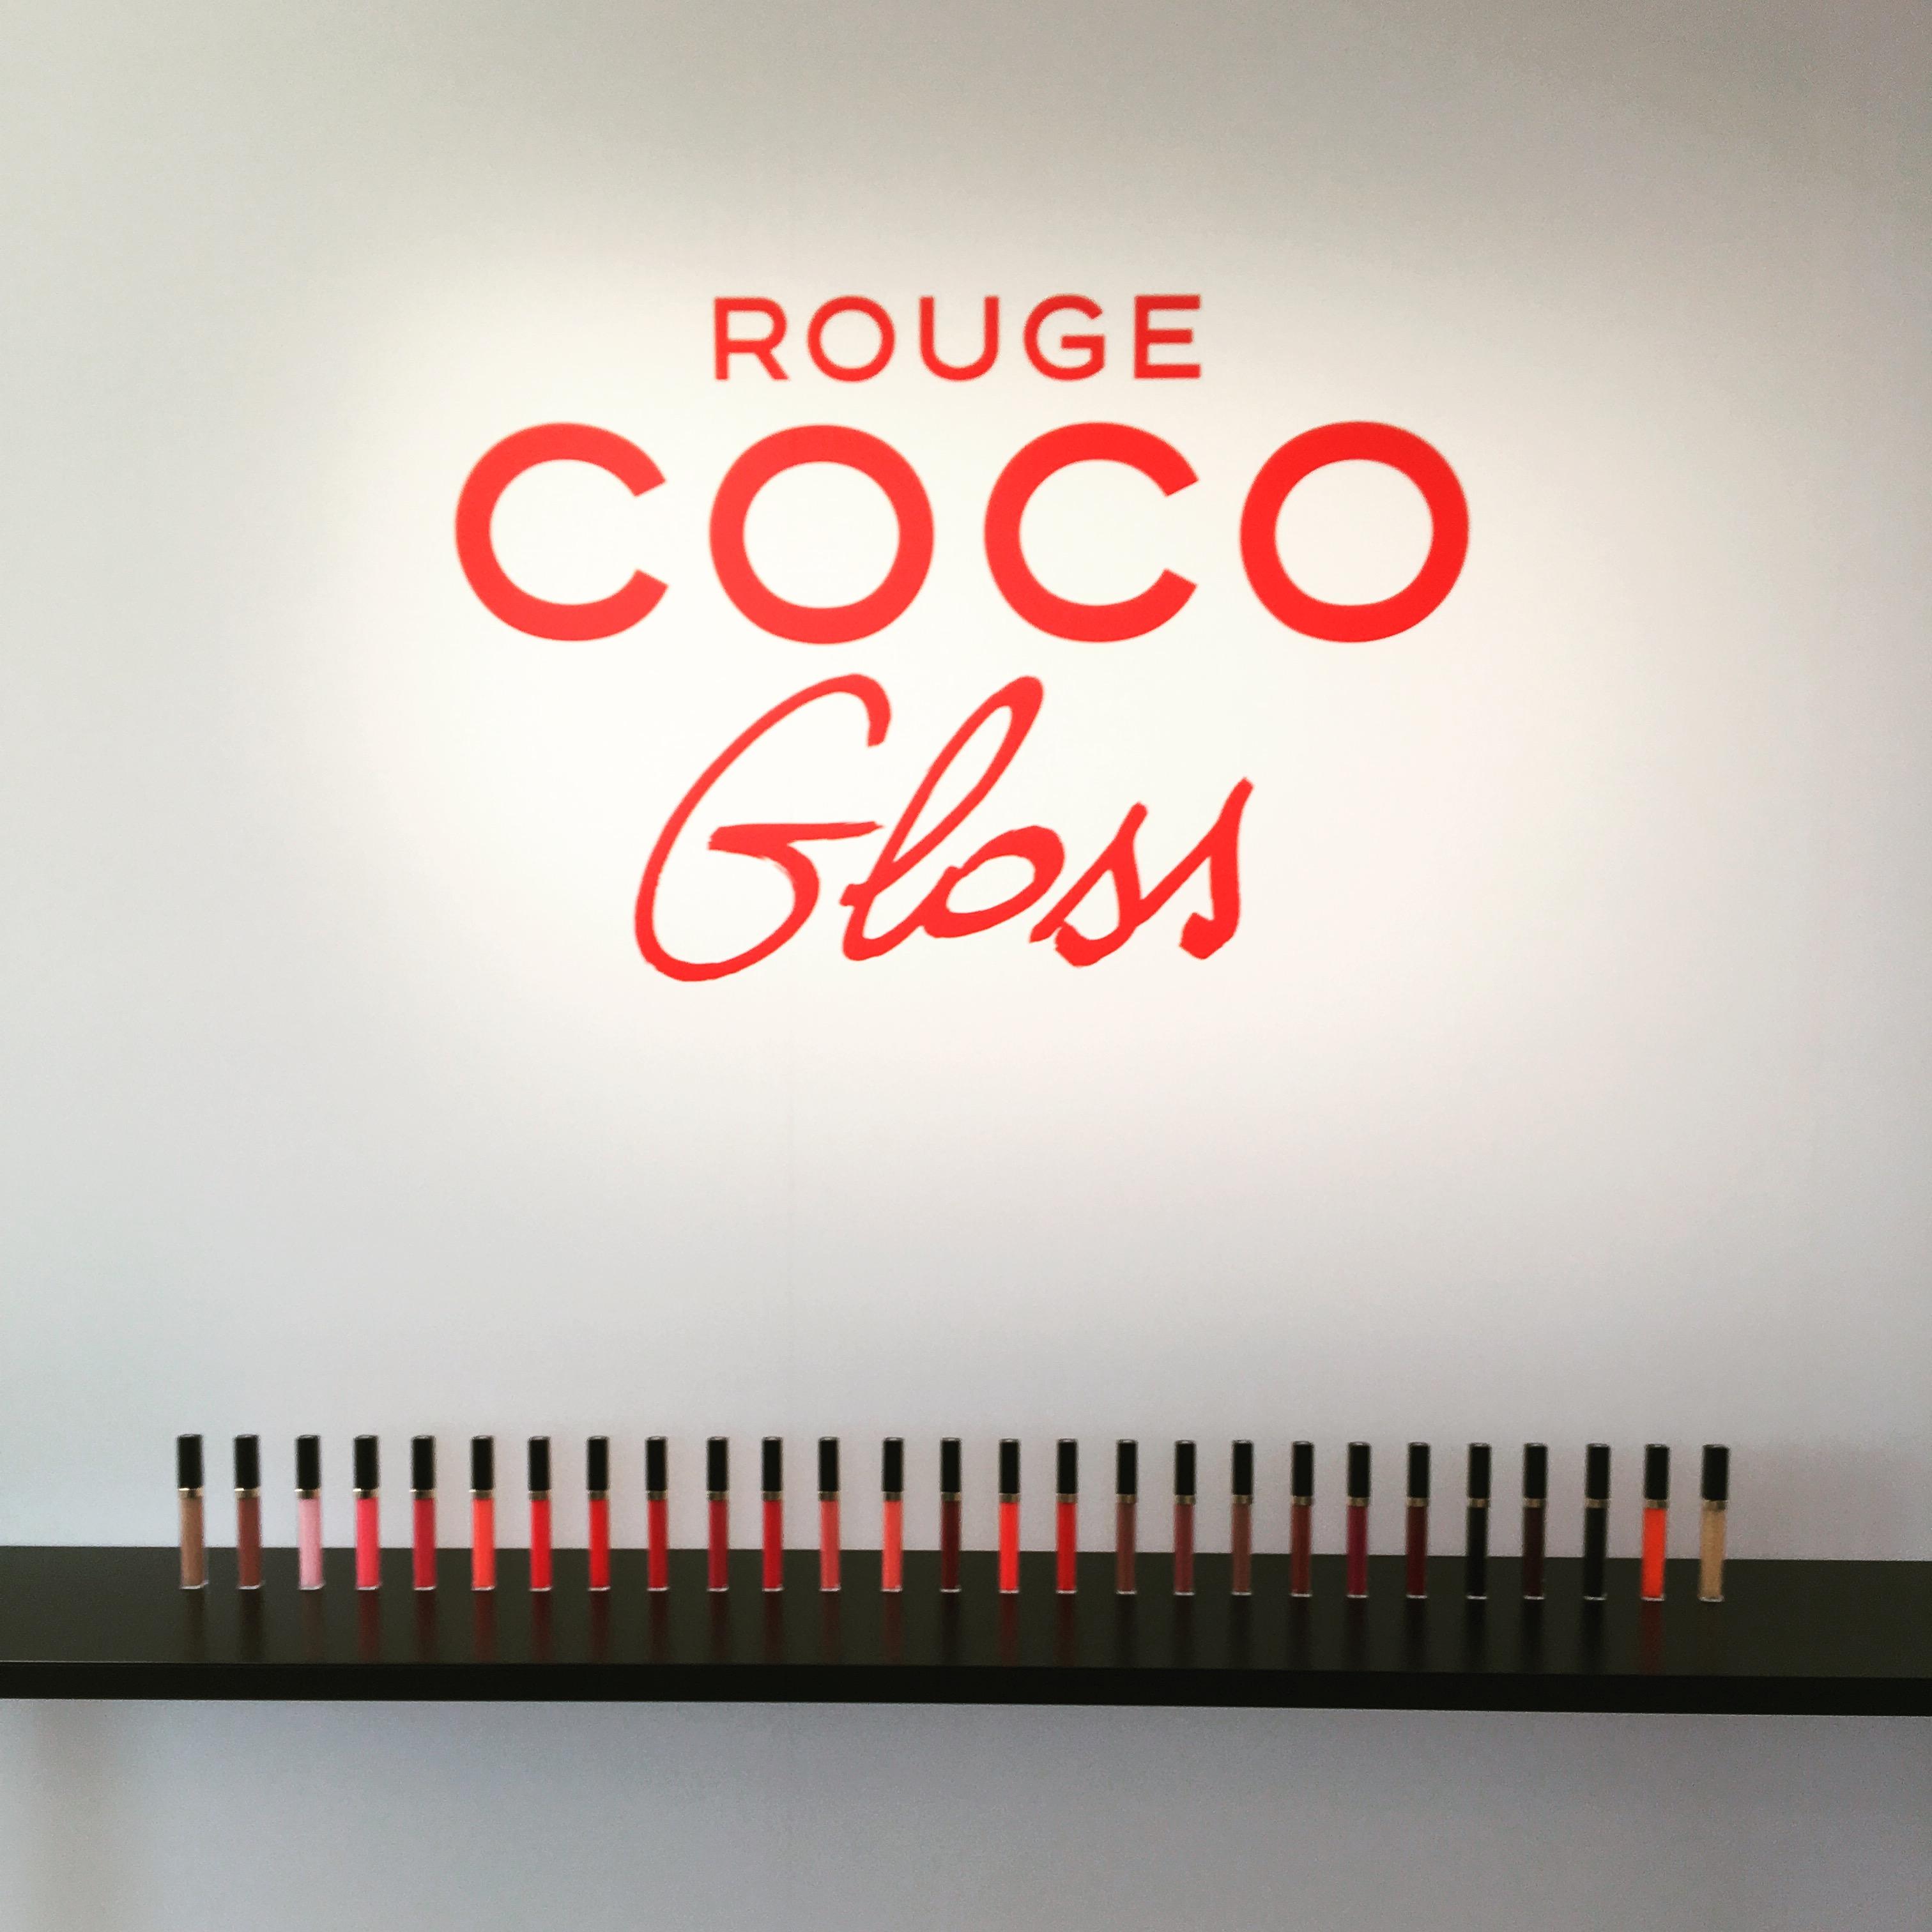 ルージュ ココ グロス rouge coco gloss